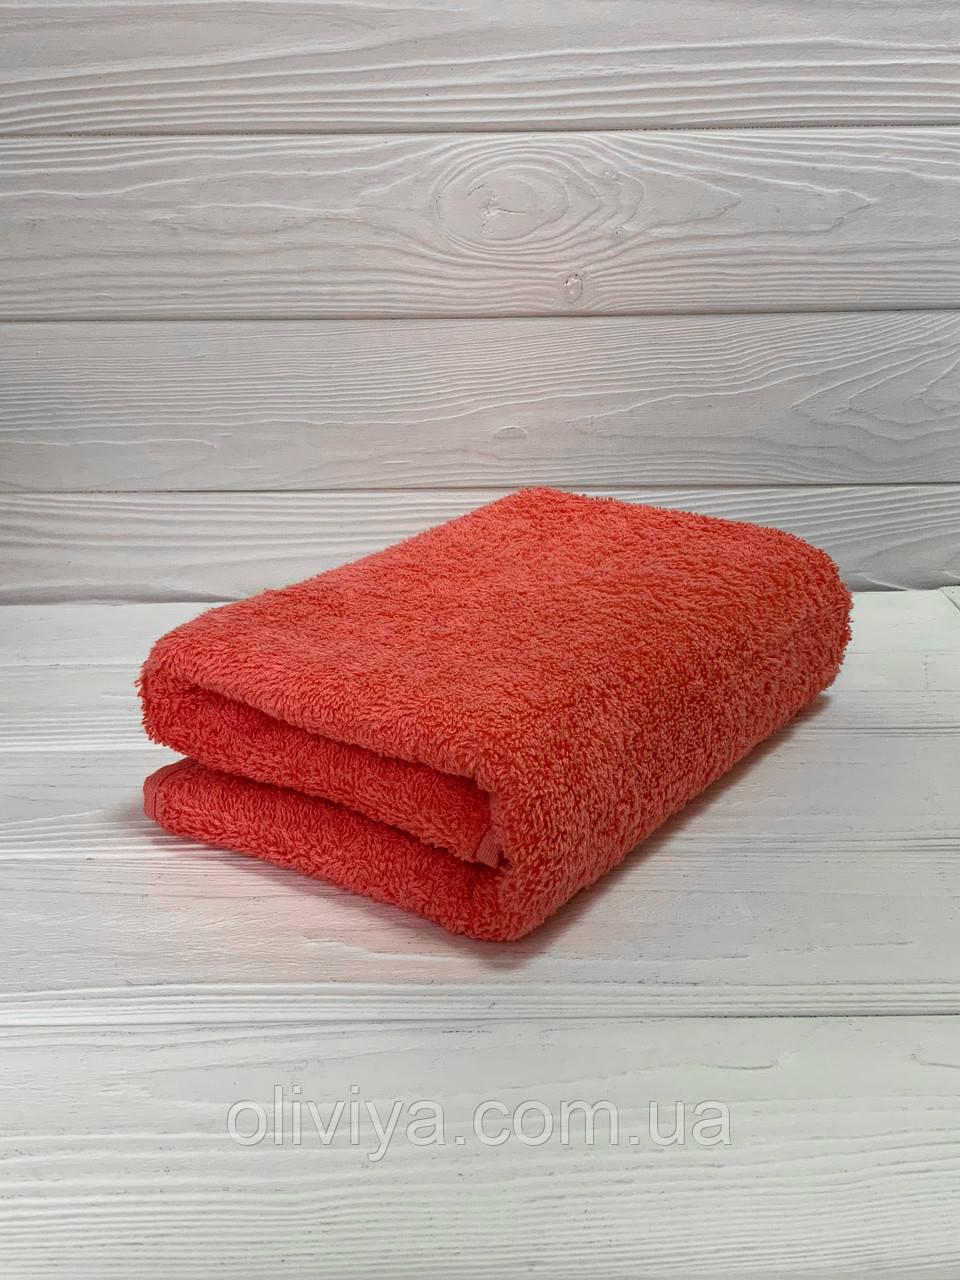 Полотенце для рук махровое абрикосовый 40*70